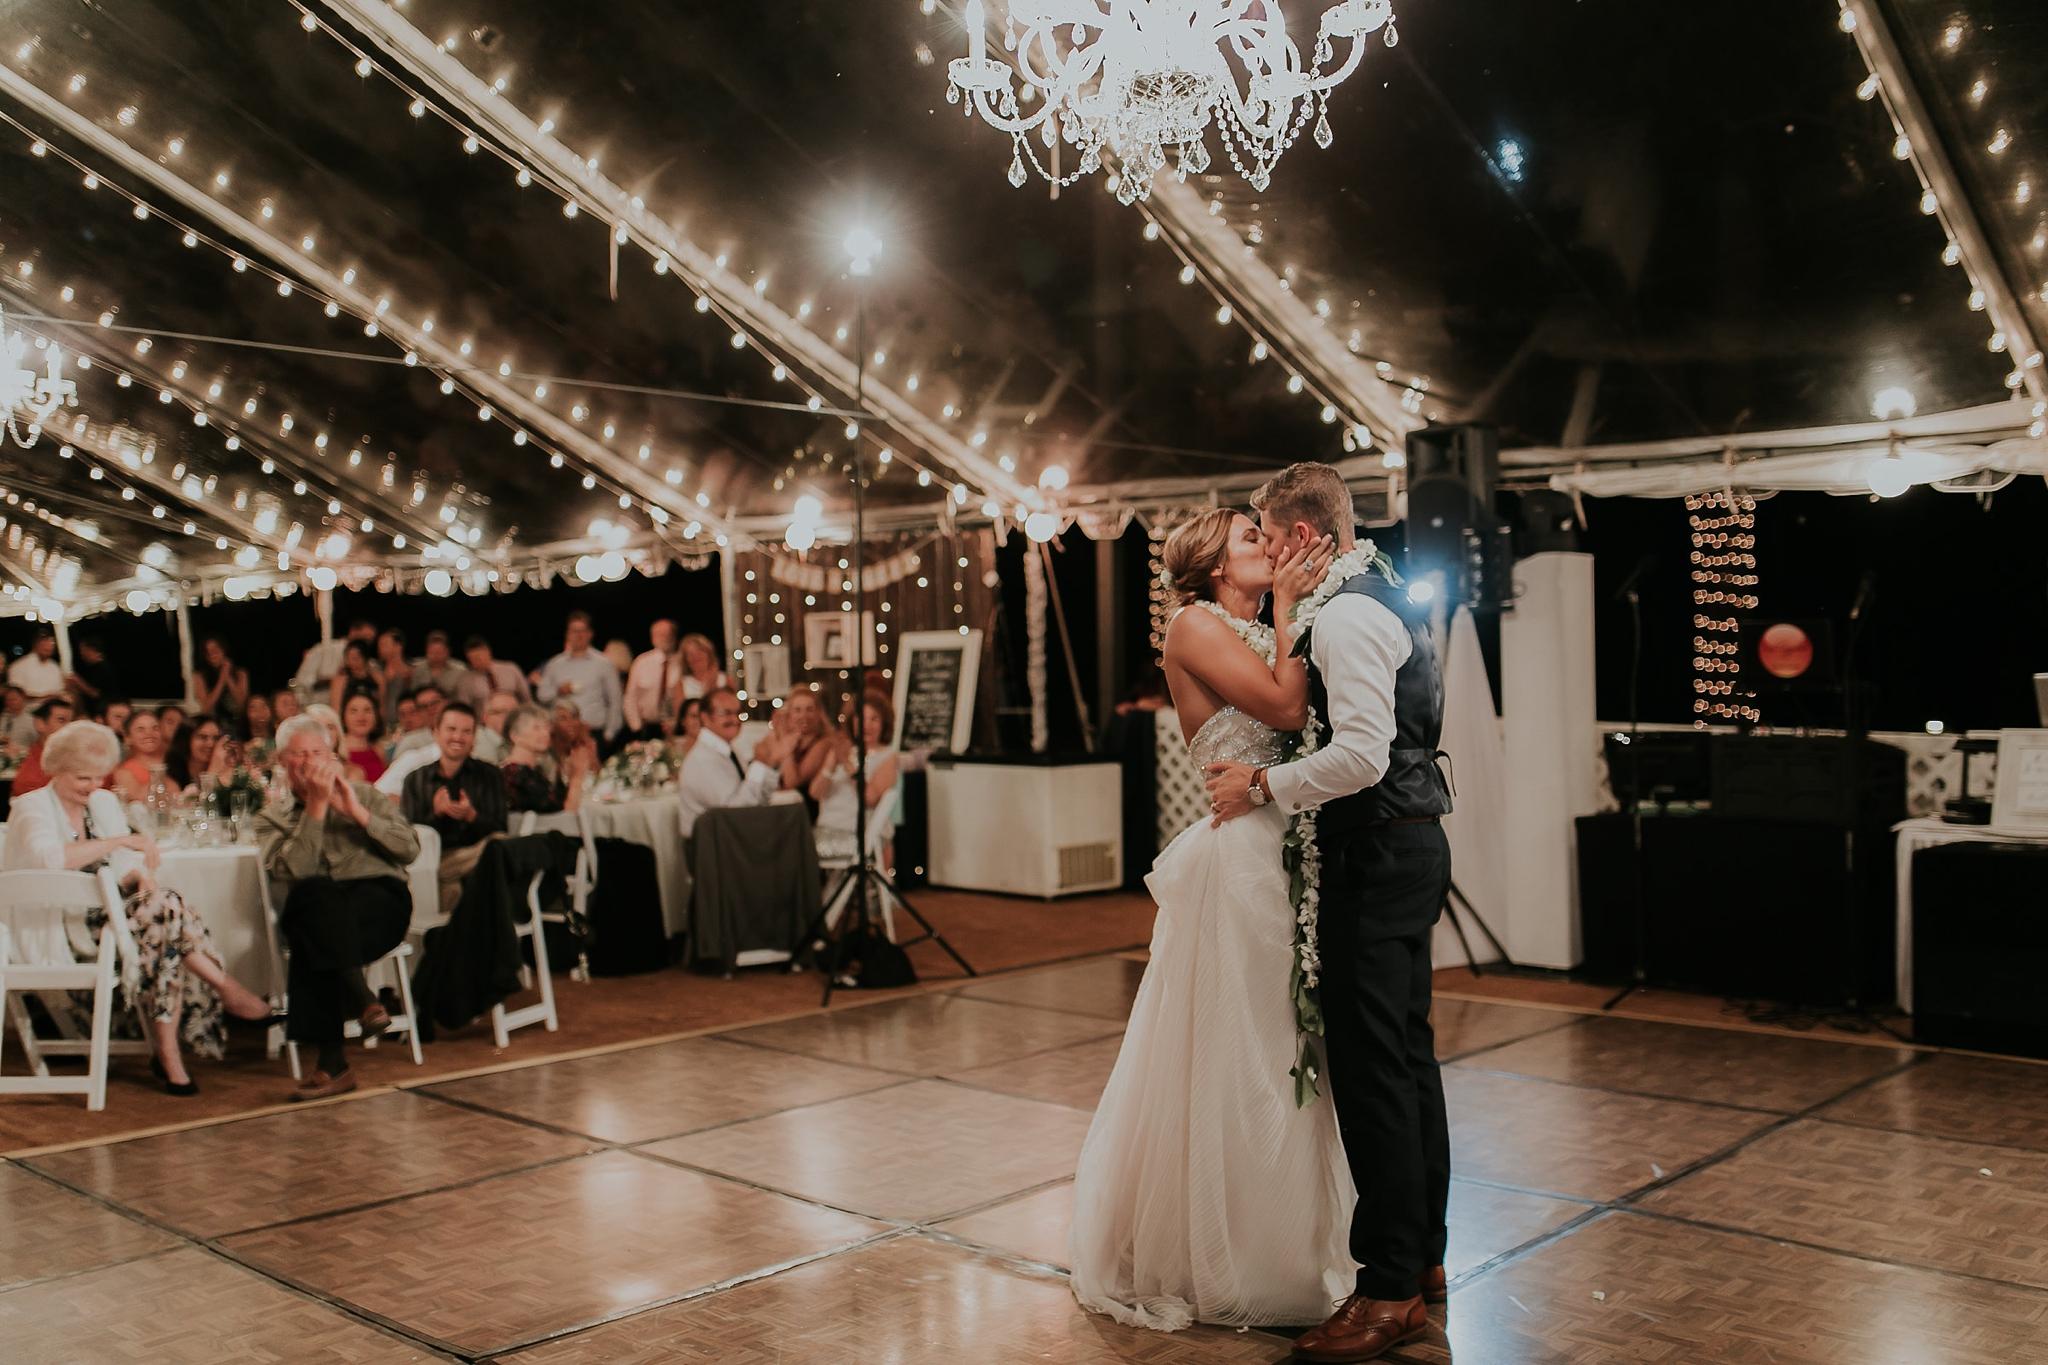 Alicia+lucia+photography+-+albuquerque+wedding+photographer+-+santa+fe+wedding+photography+-+new+mexico+wedding+photographer+-+new+mexico+wedding+-+wedding+venues+-+new+mexico+wedding+venues+-+colorado+wedding+venues_0119.jpg